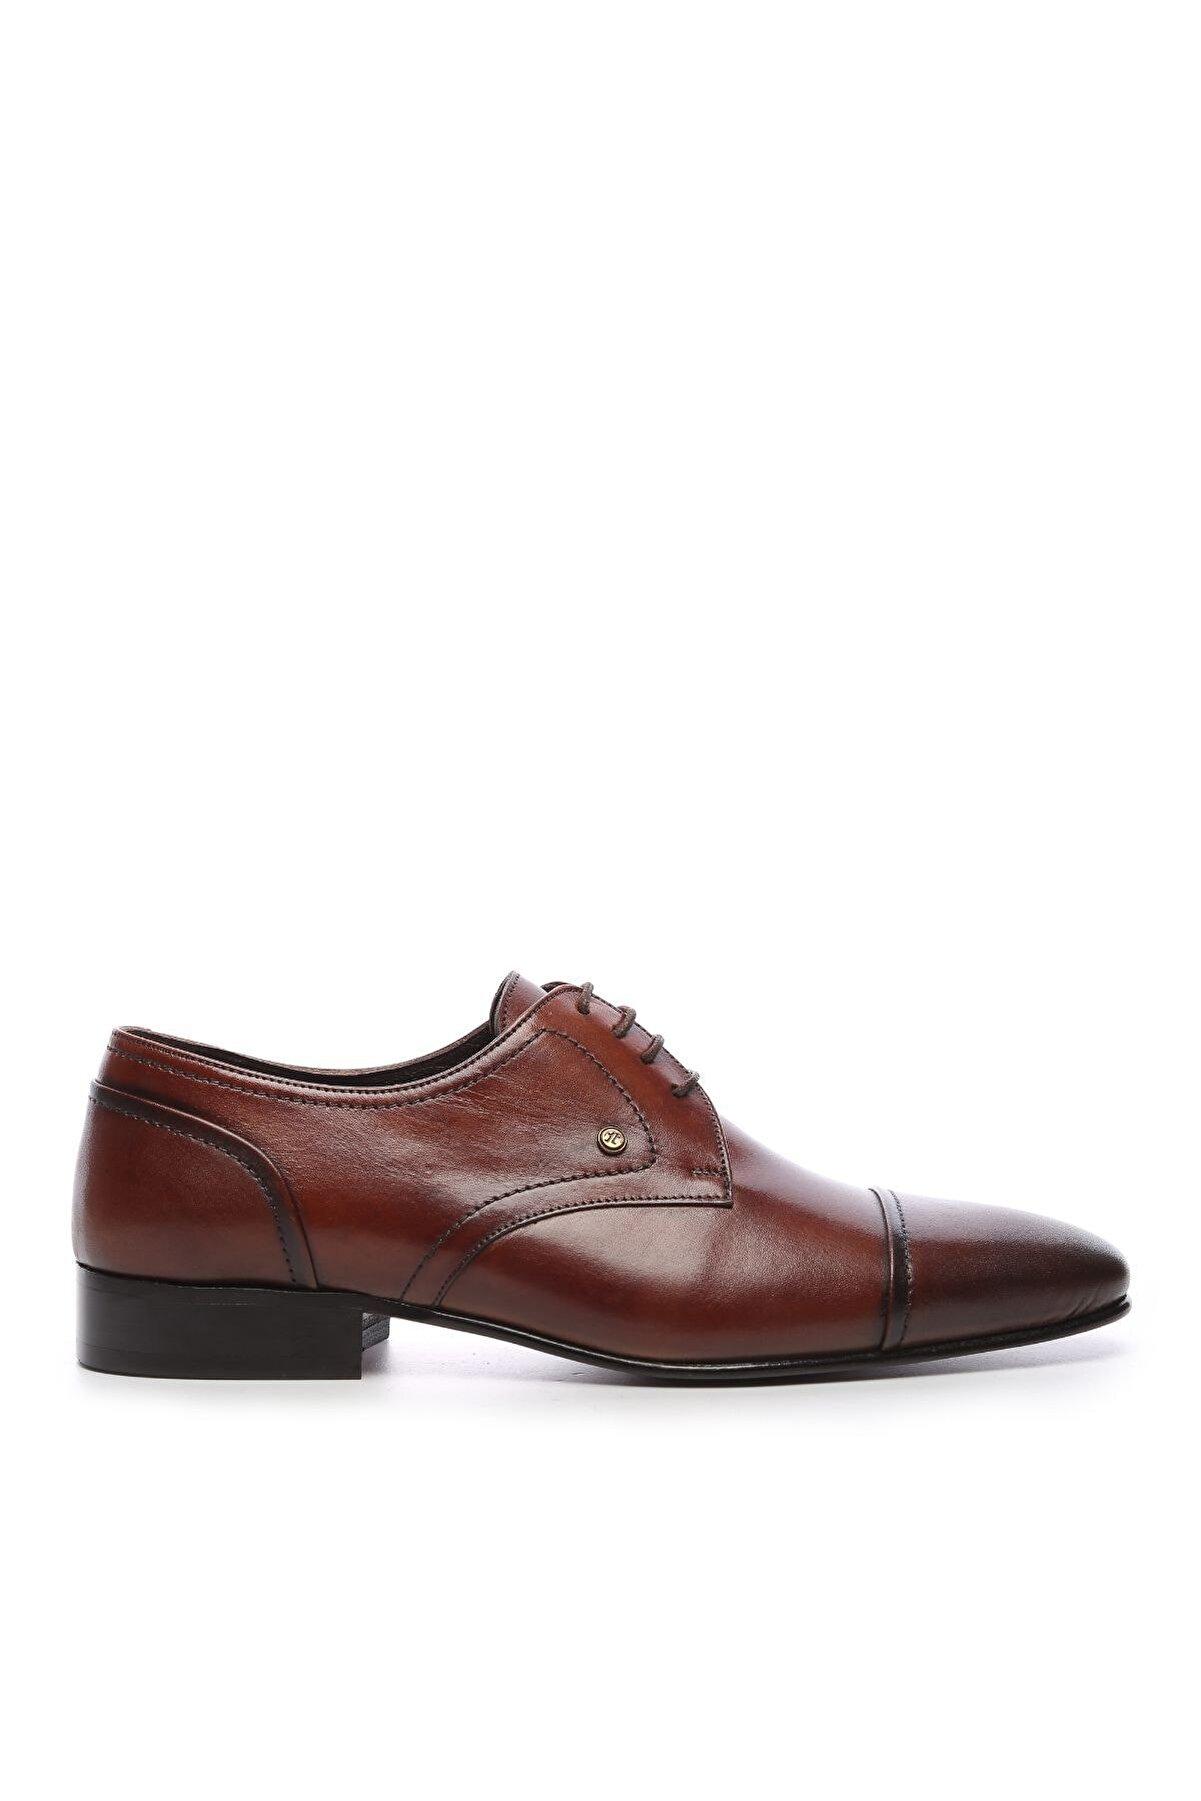 Kemal Tanca Erkek Derı Klasik Ayakkabı 204 2333 K ERK AYK SK20